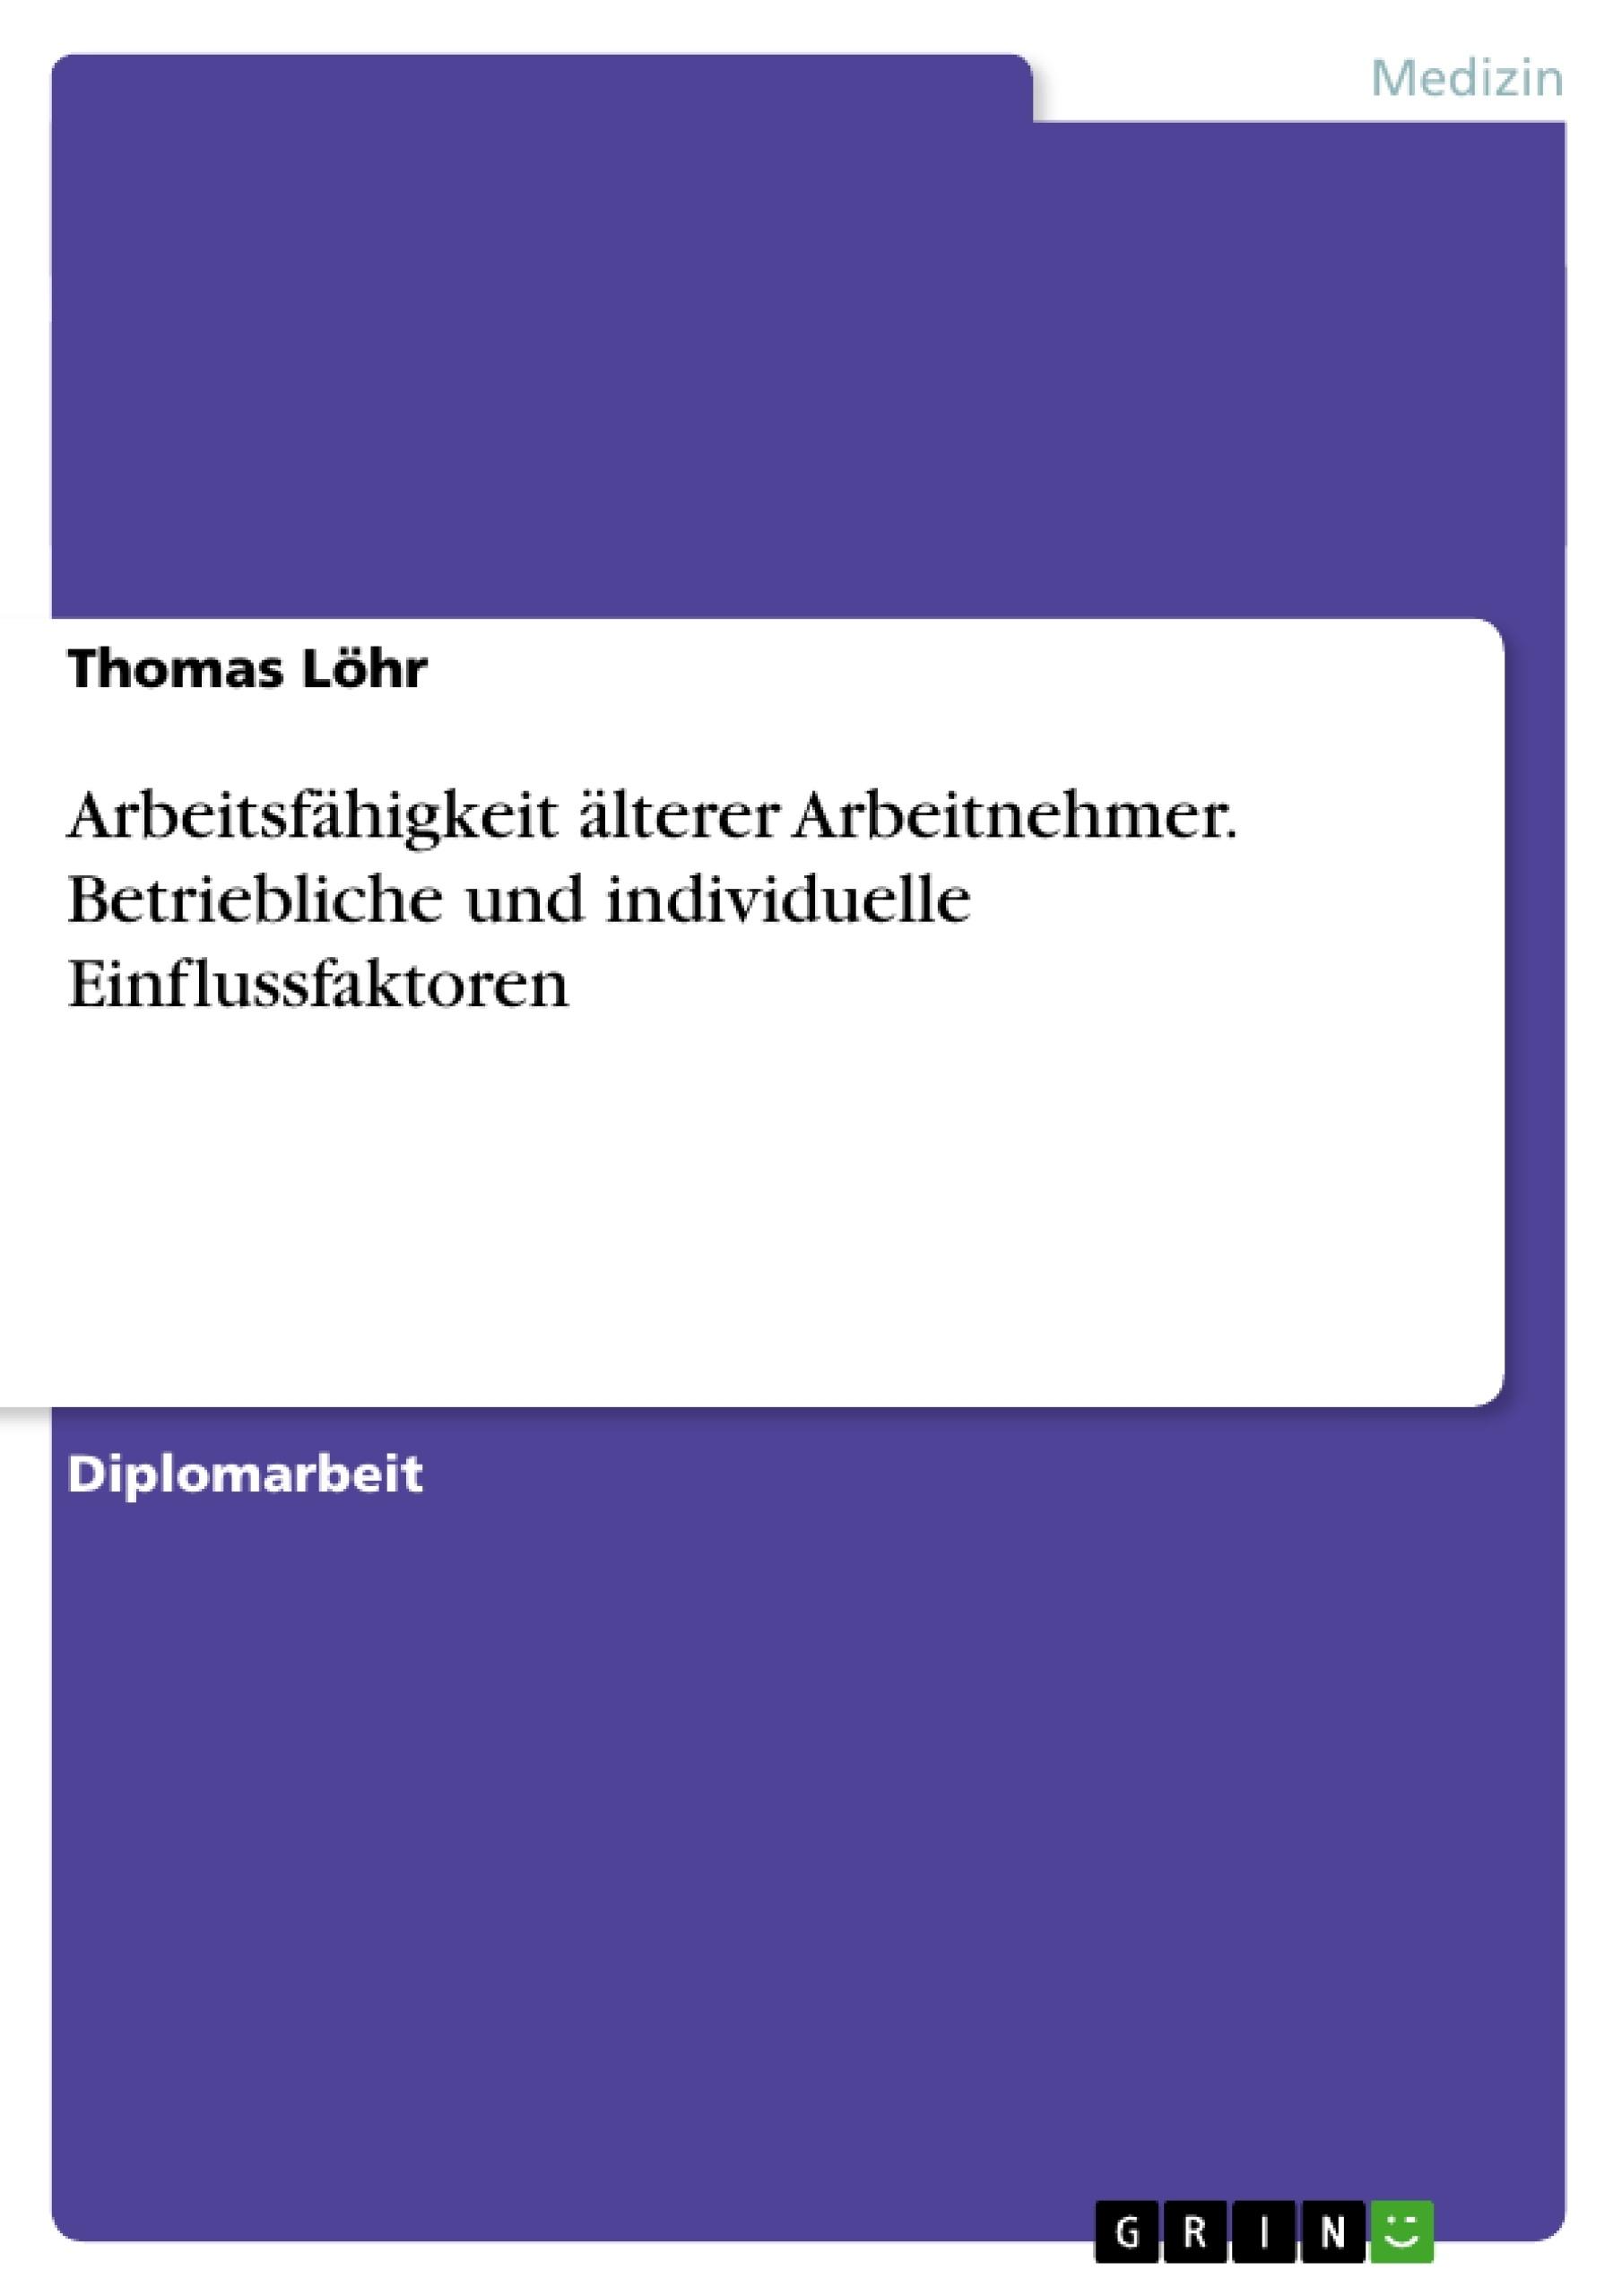 Titel: Arbeitsfähigkeit älterer Arbeitnehmer. Betriebliche und individuelle Einflussfaktoren